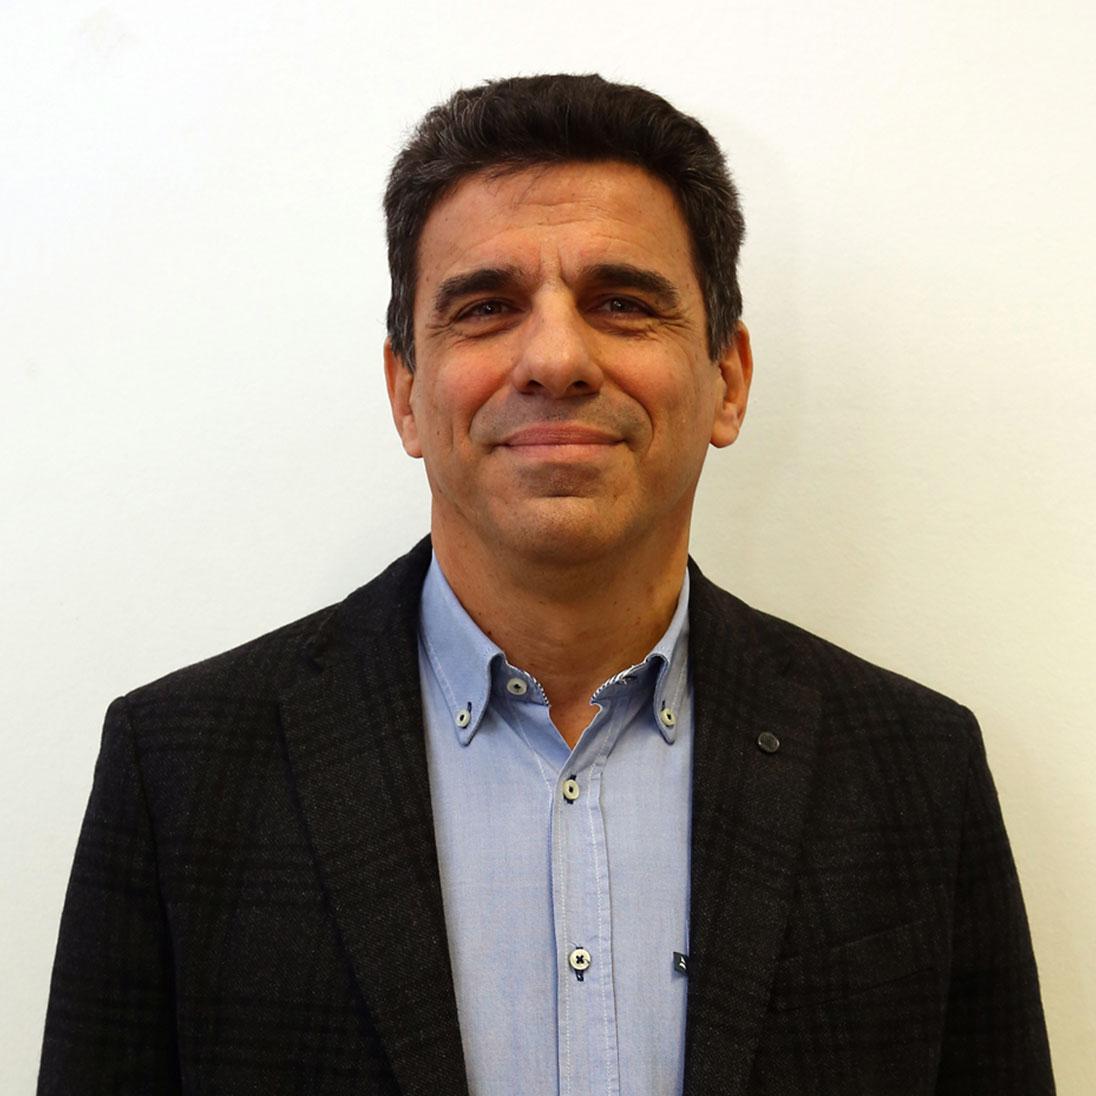 ALBERTO ARTIOLI